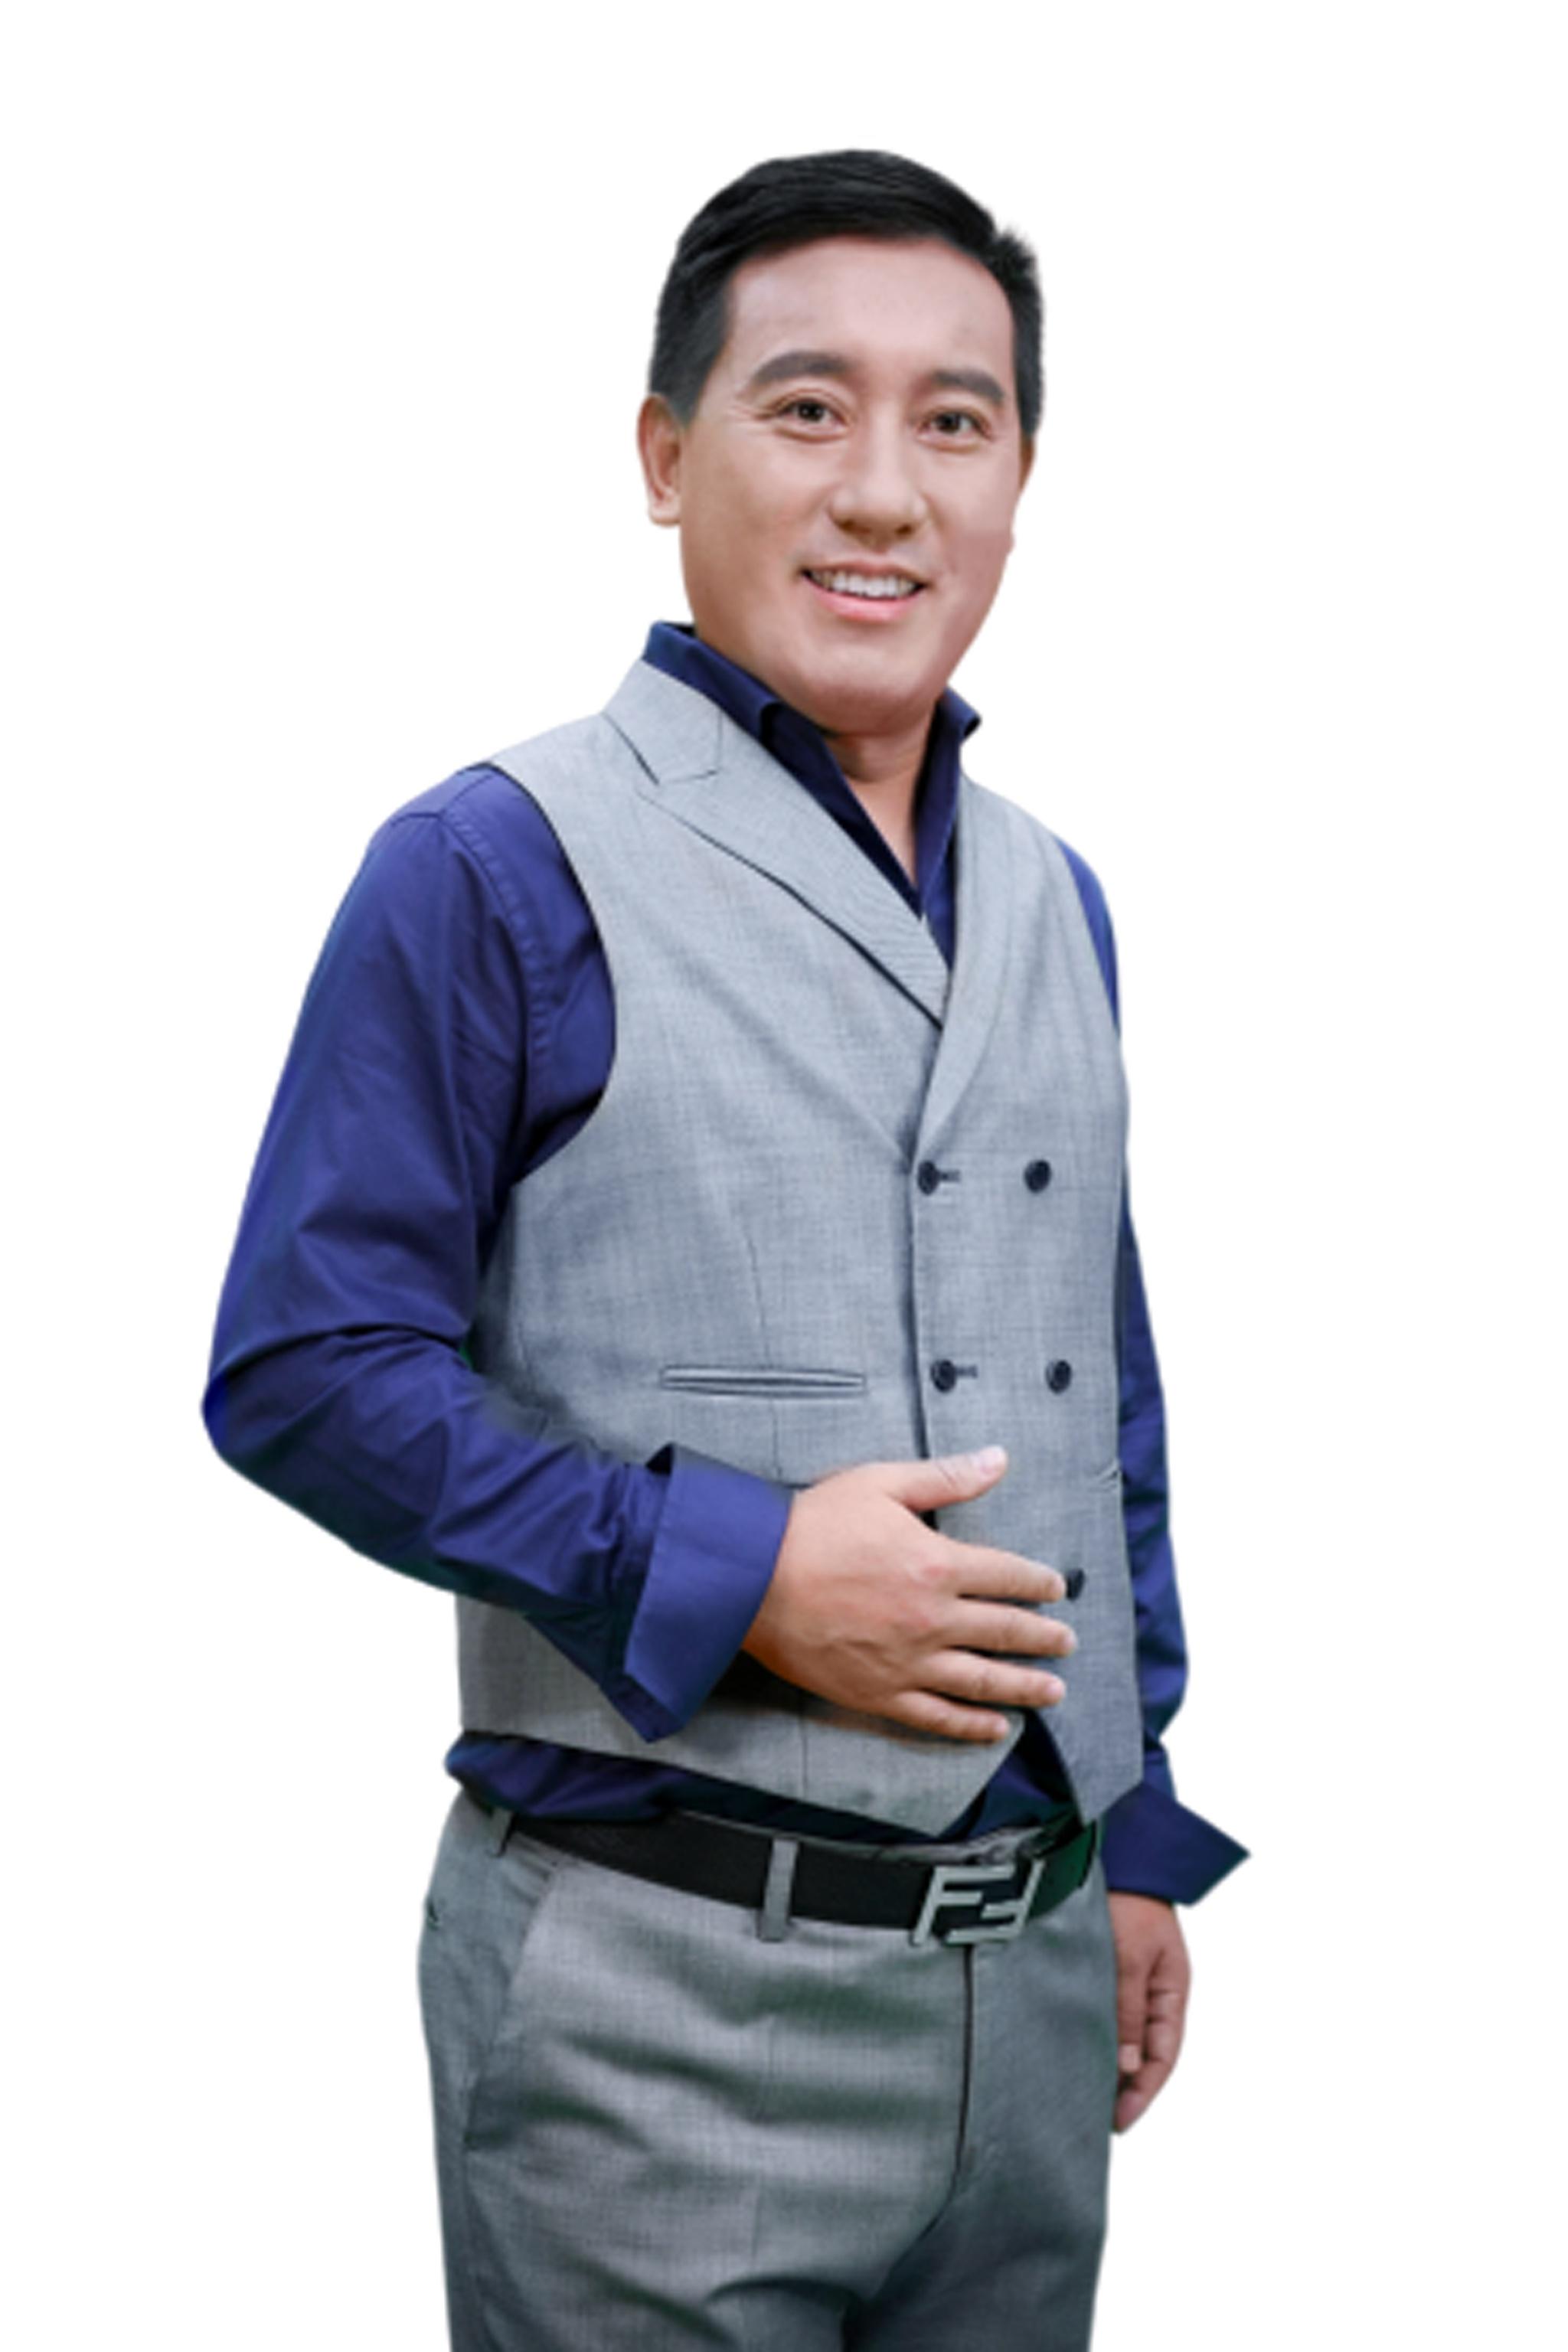 張馳 北京交通大學心理素質教育中心副主任 中國社工聯合會學校社工學部常務副主任委員